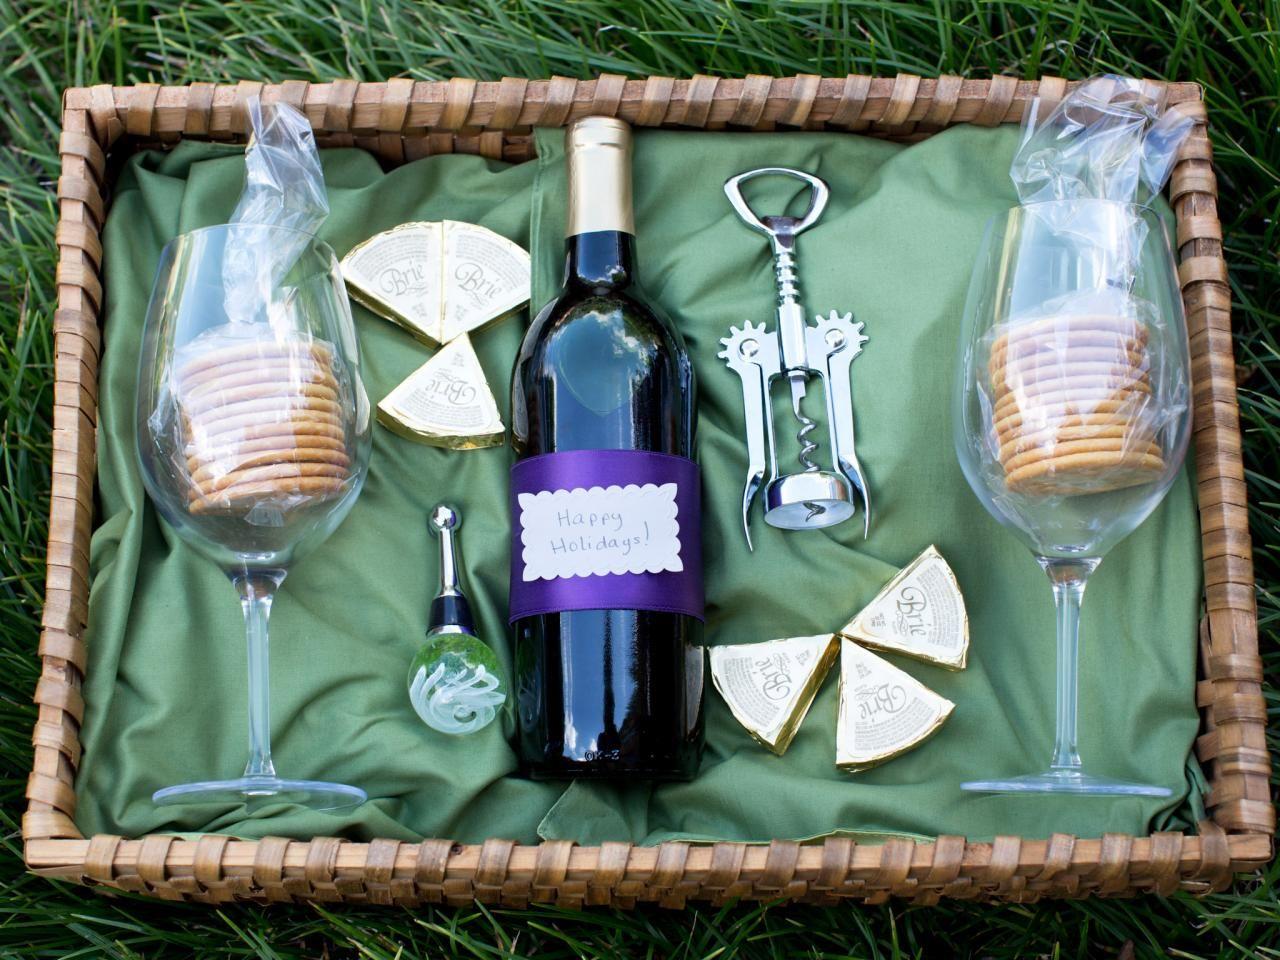 Christmas Gift Baskets | Geschenke basteln, Geschenk und Basteln